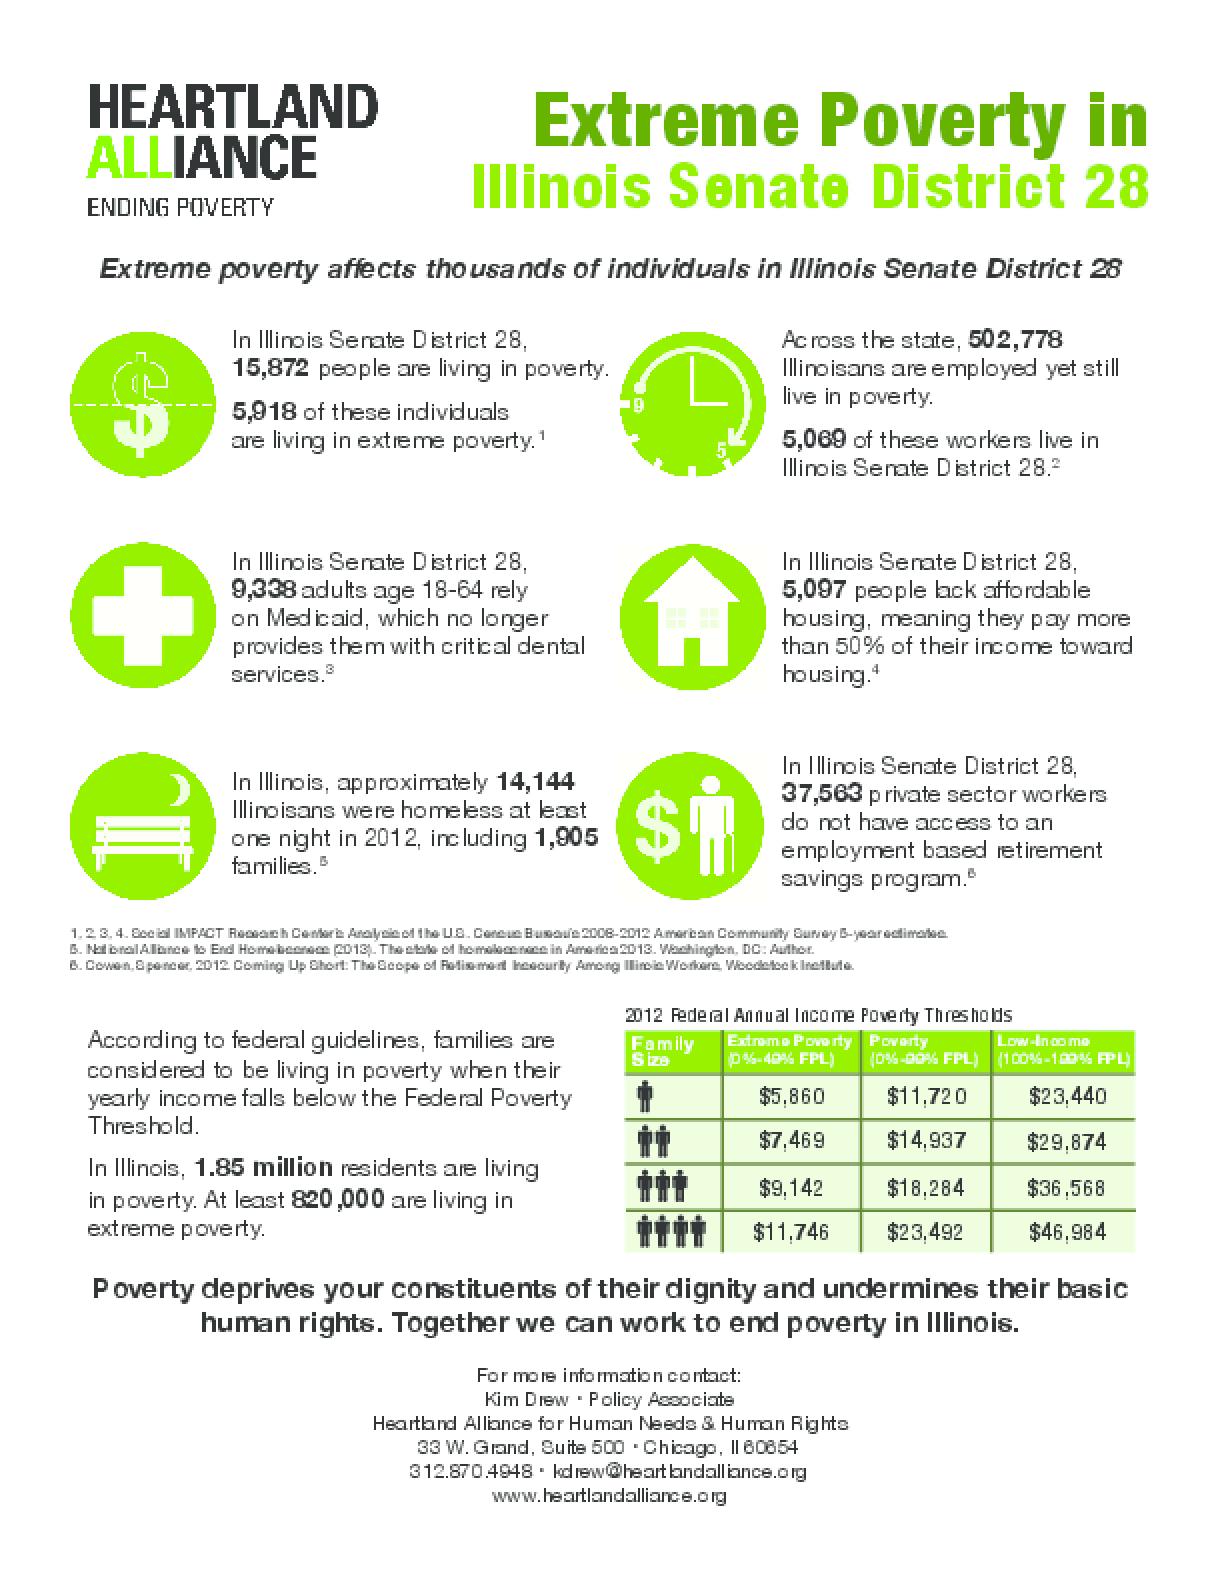 Poverty Fact Sheet for Illinois Senate District 28